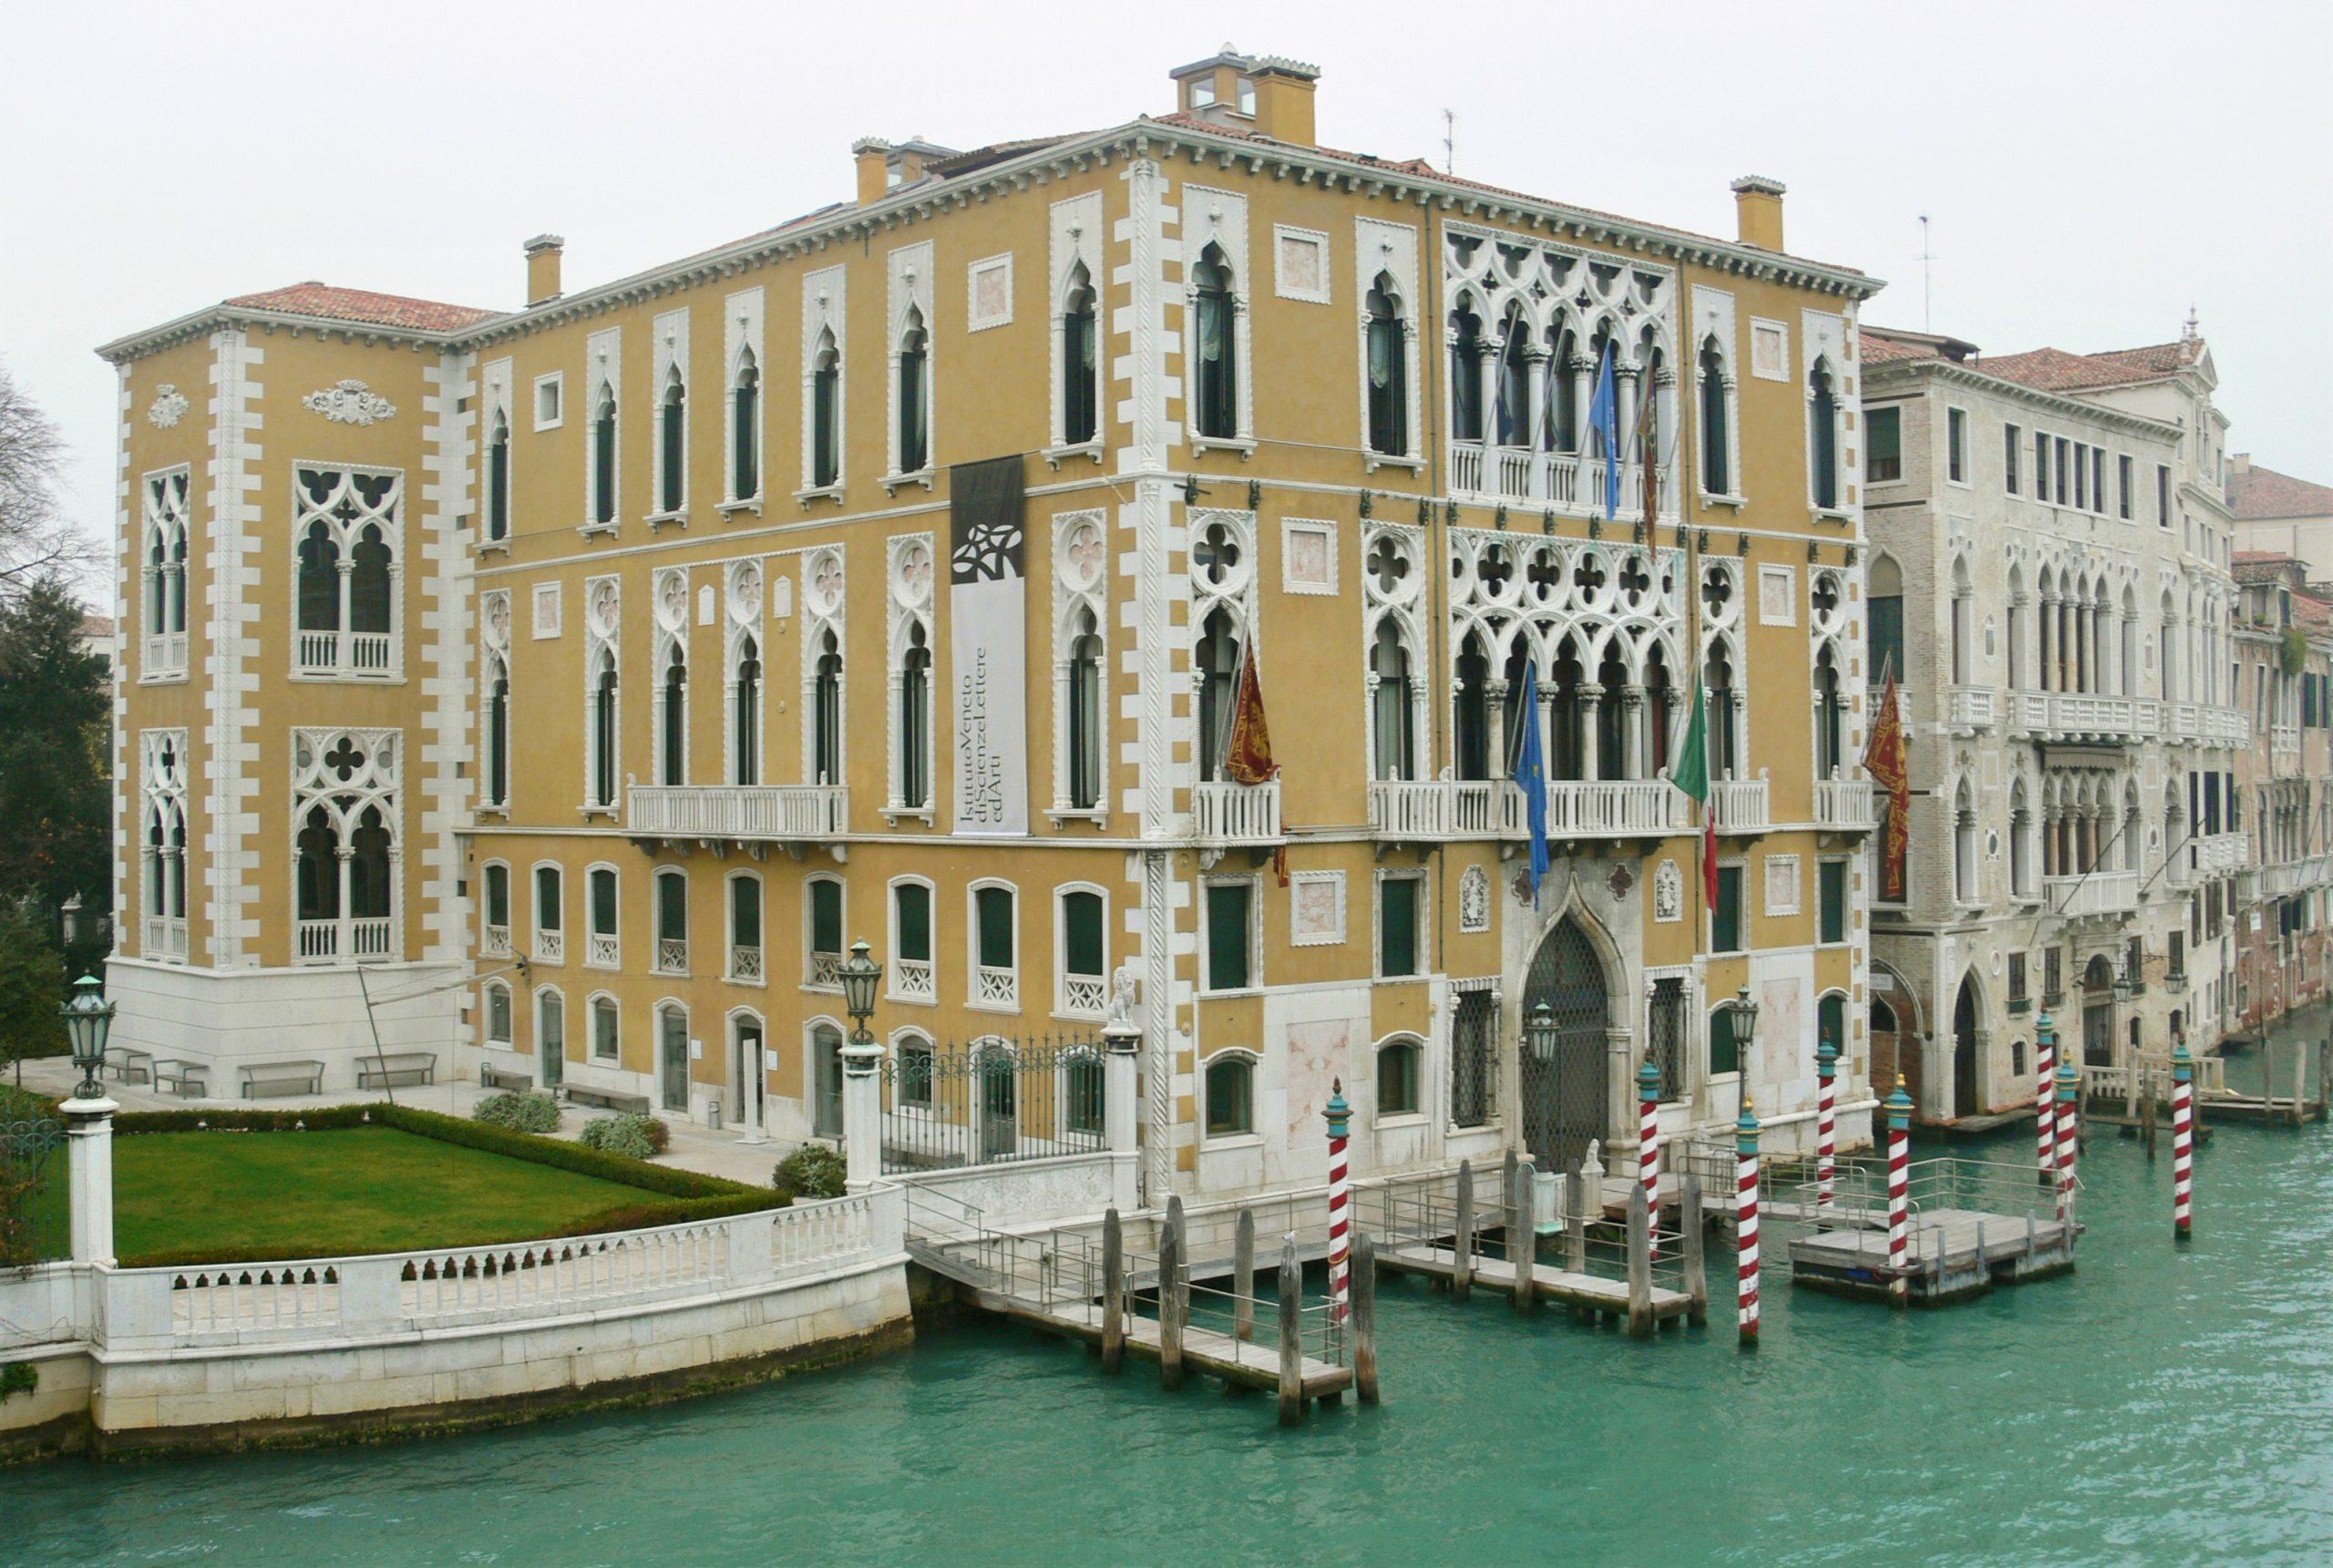 Fondazione Berengo, Palazzo Franchetti